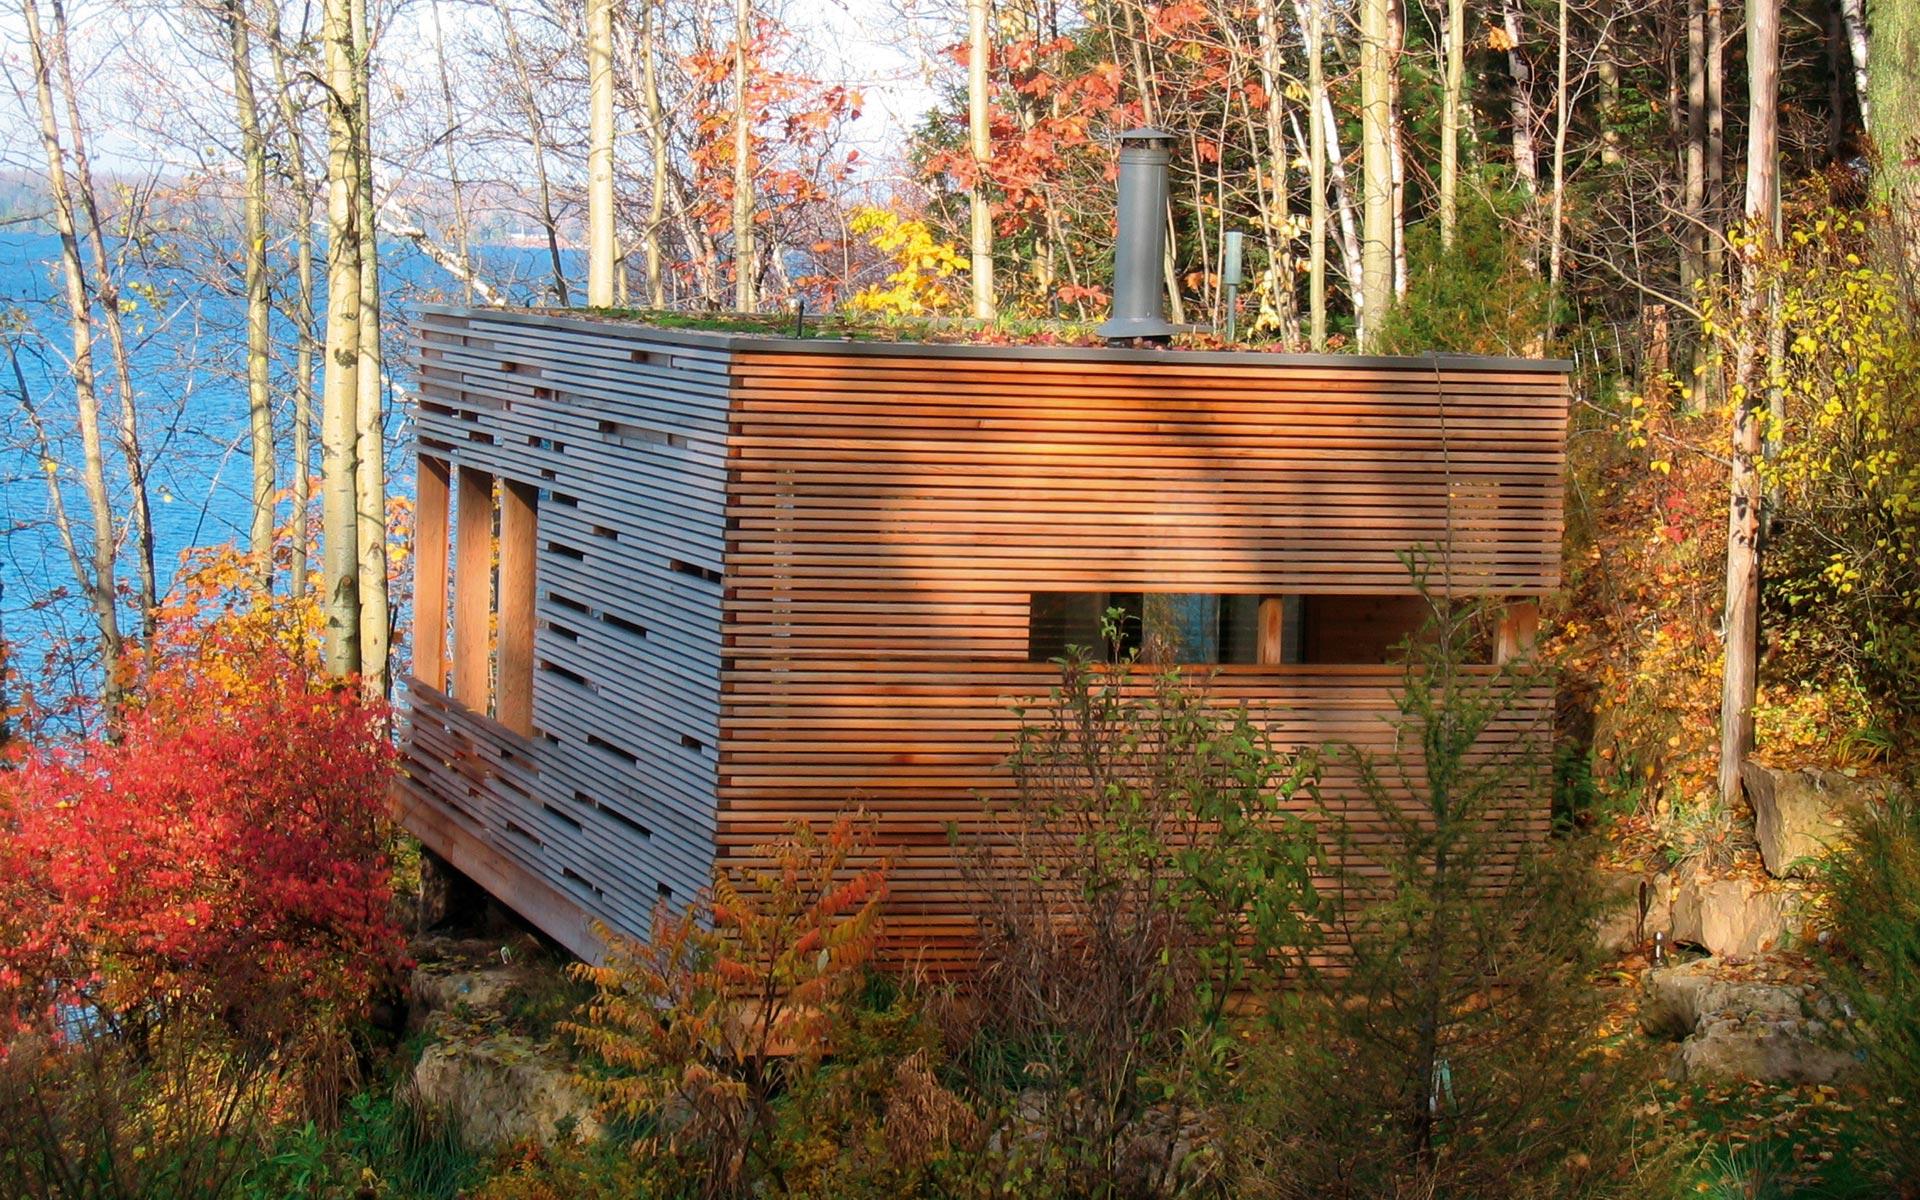 Dise o de casa peque a de madera fachada e interiores for Casas de madera pequenas